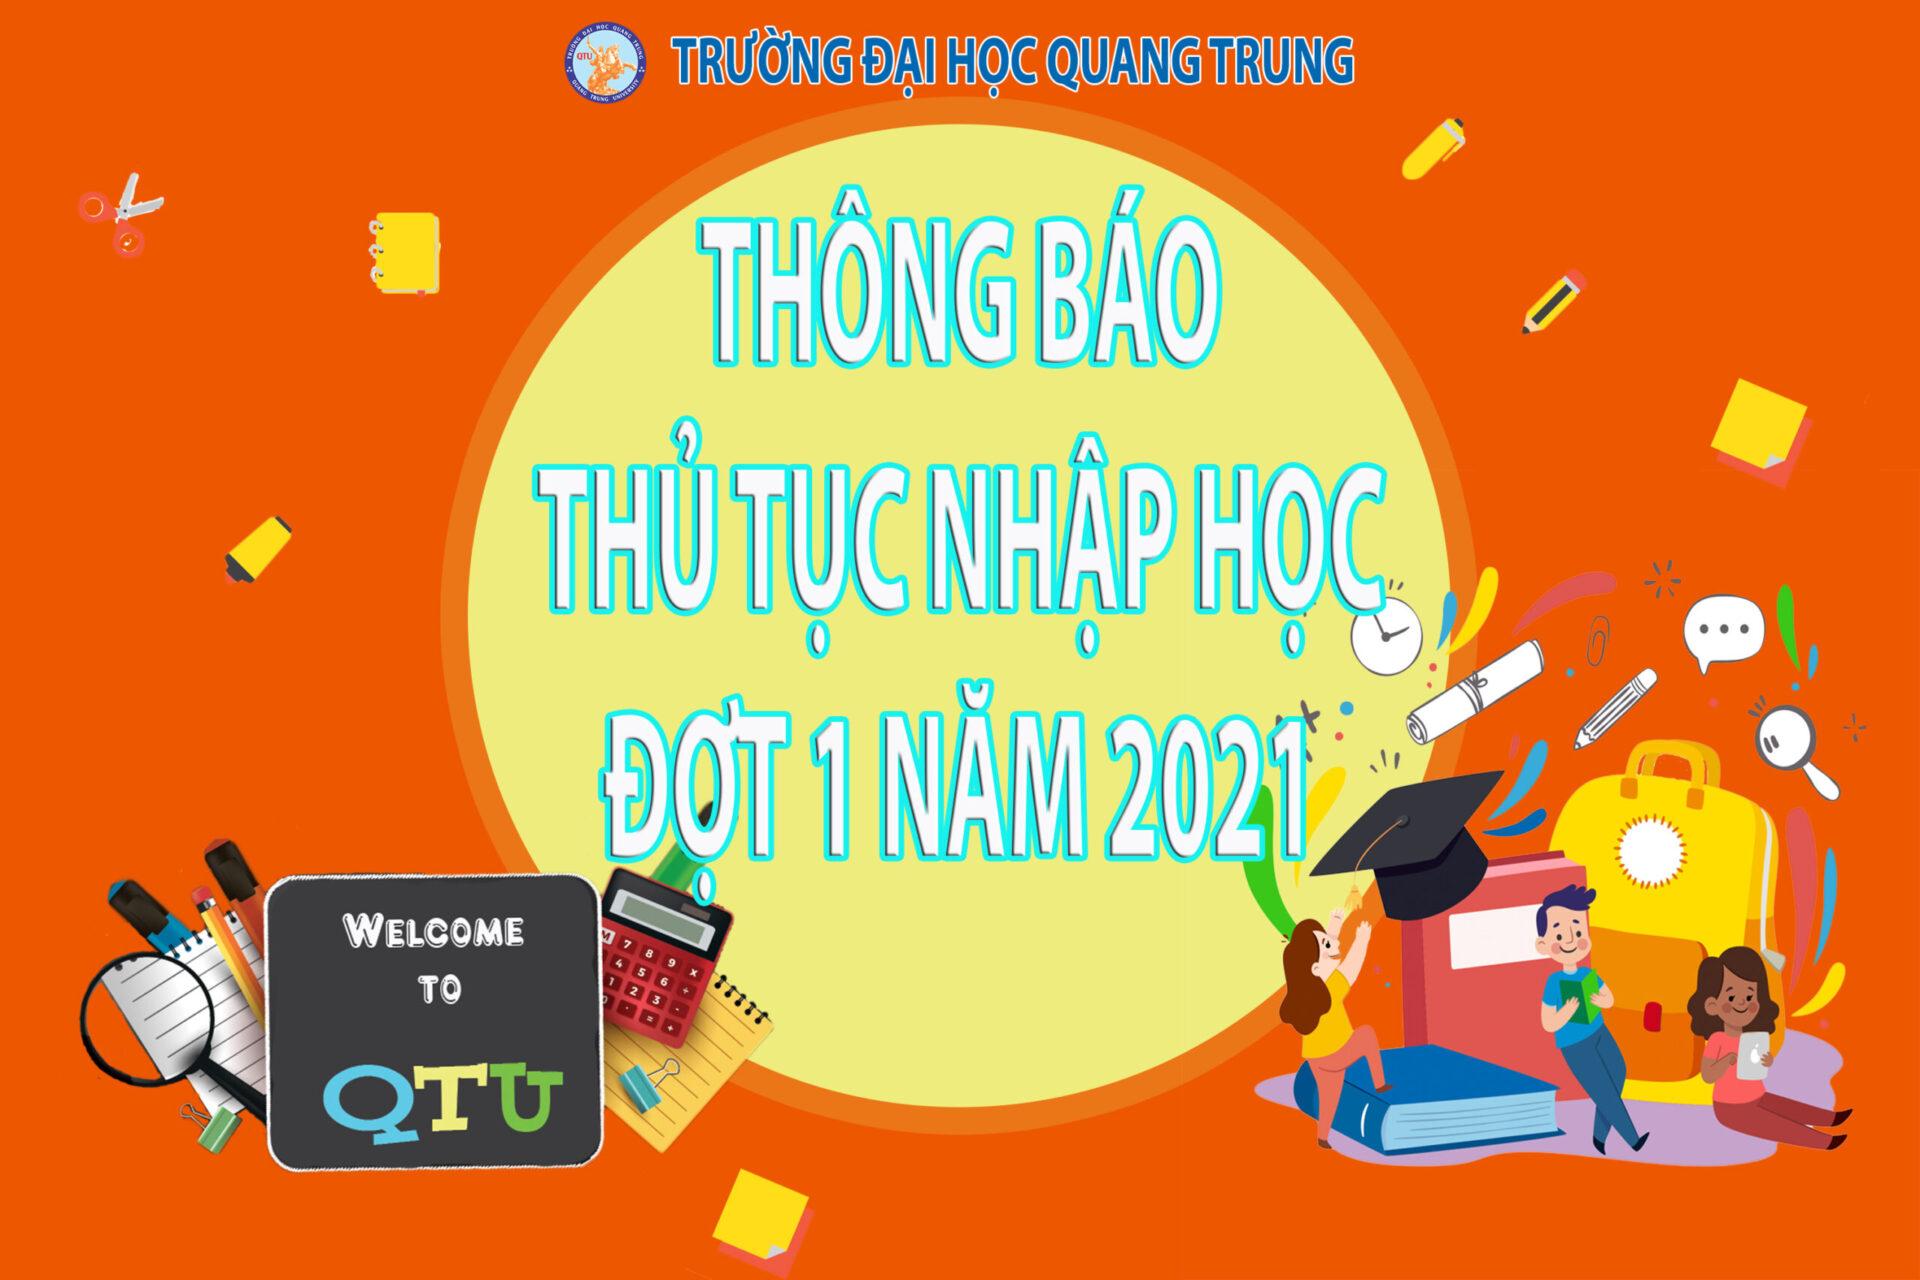 Trường Đại học Quang Trung thông báo thủ tục nhập học đợt 1 năm 2021